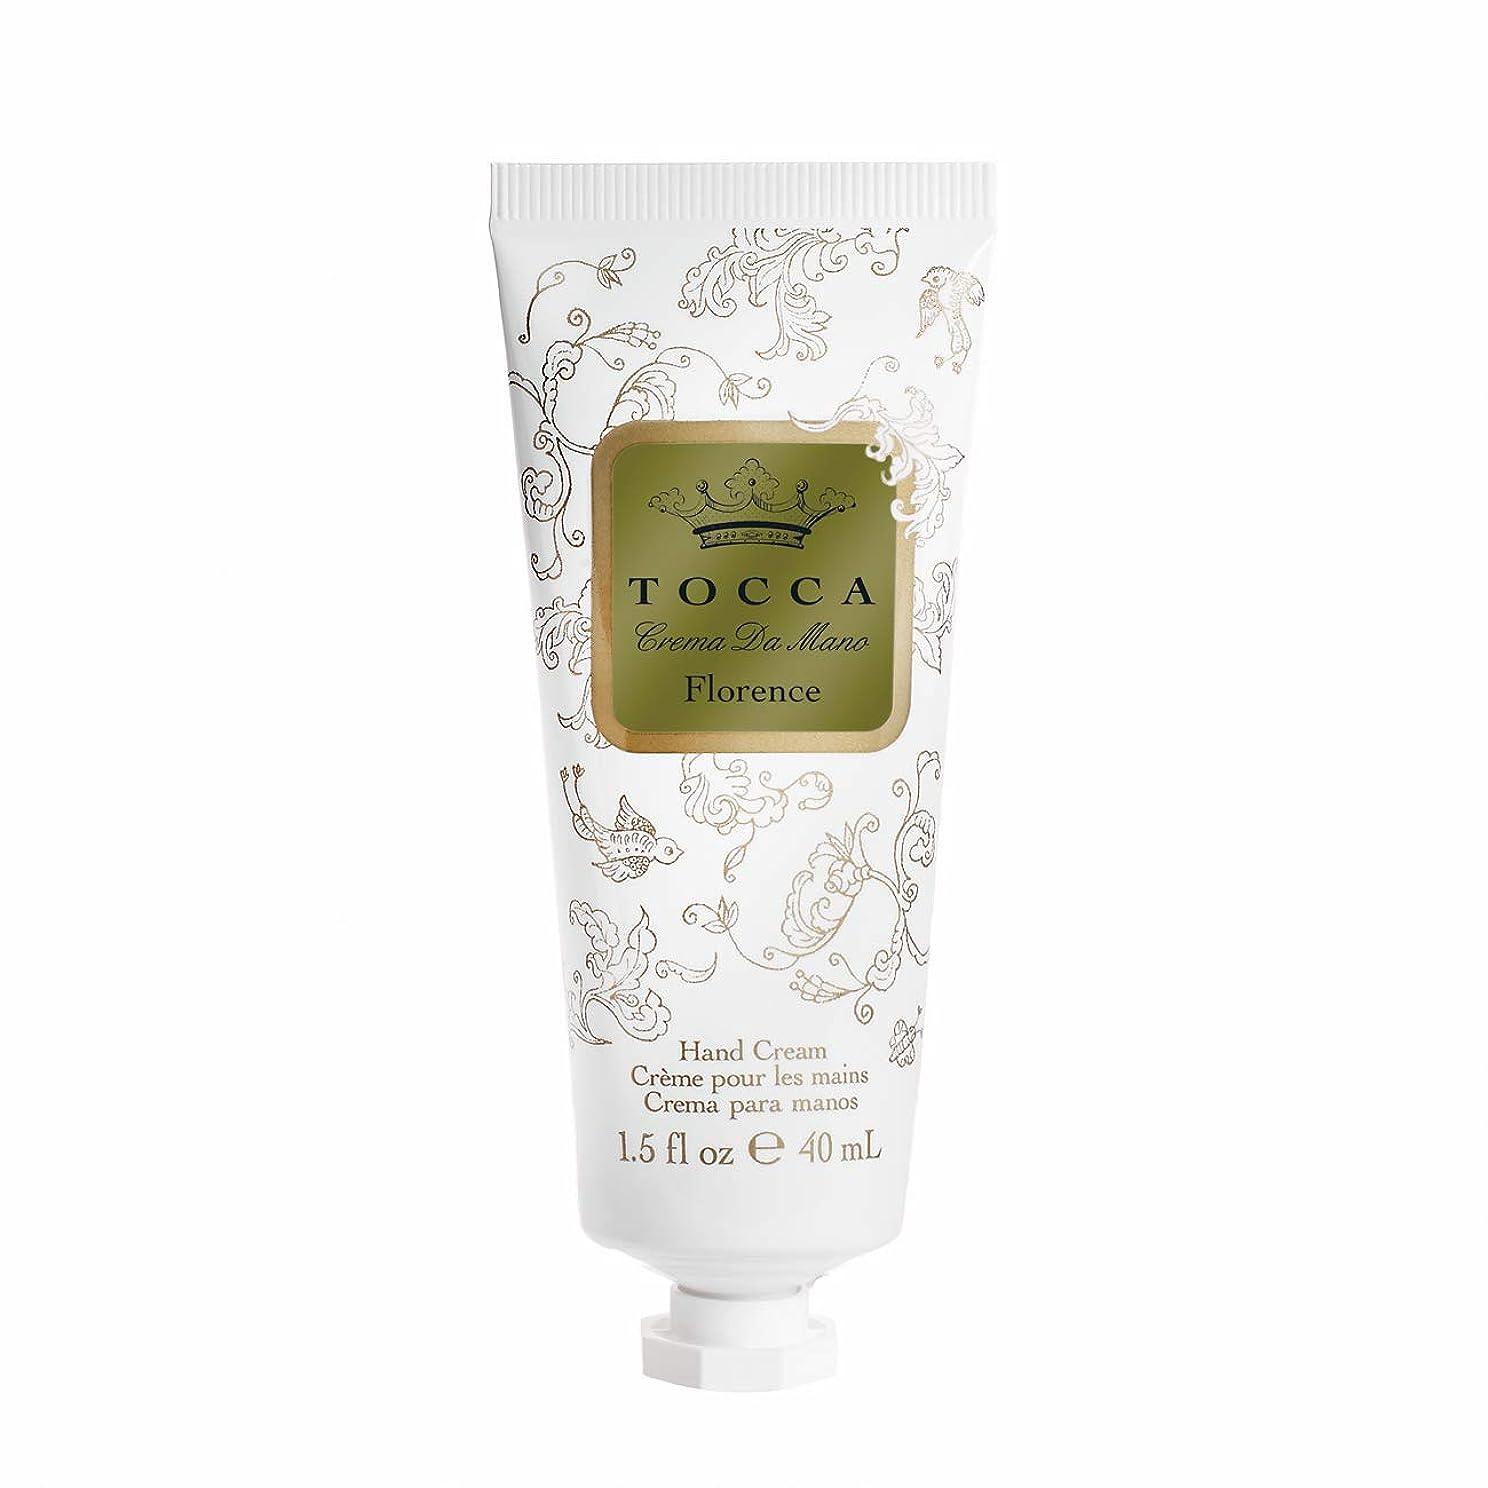 嵐の忌避剤破裂トッカ(TOCCA) ハンドクリーム フローレンスの香り 40mL (ガーデニアとベルガモットが誘うように溶け合うどこまでも上品なフローラルの香り)